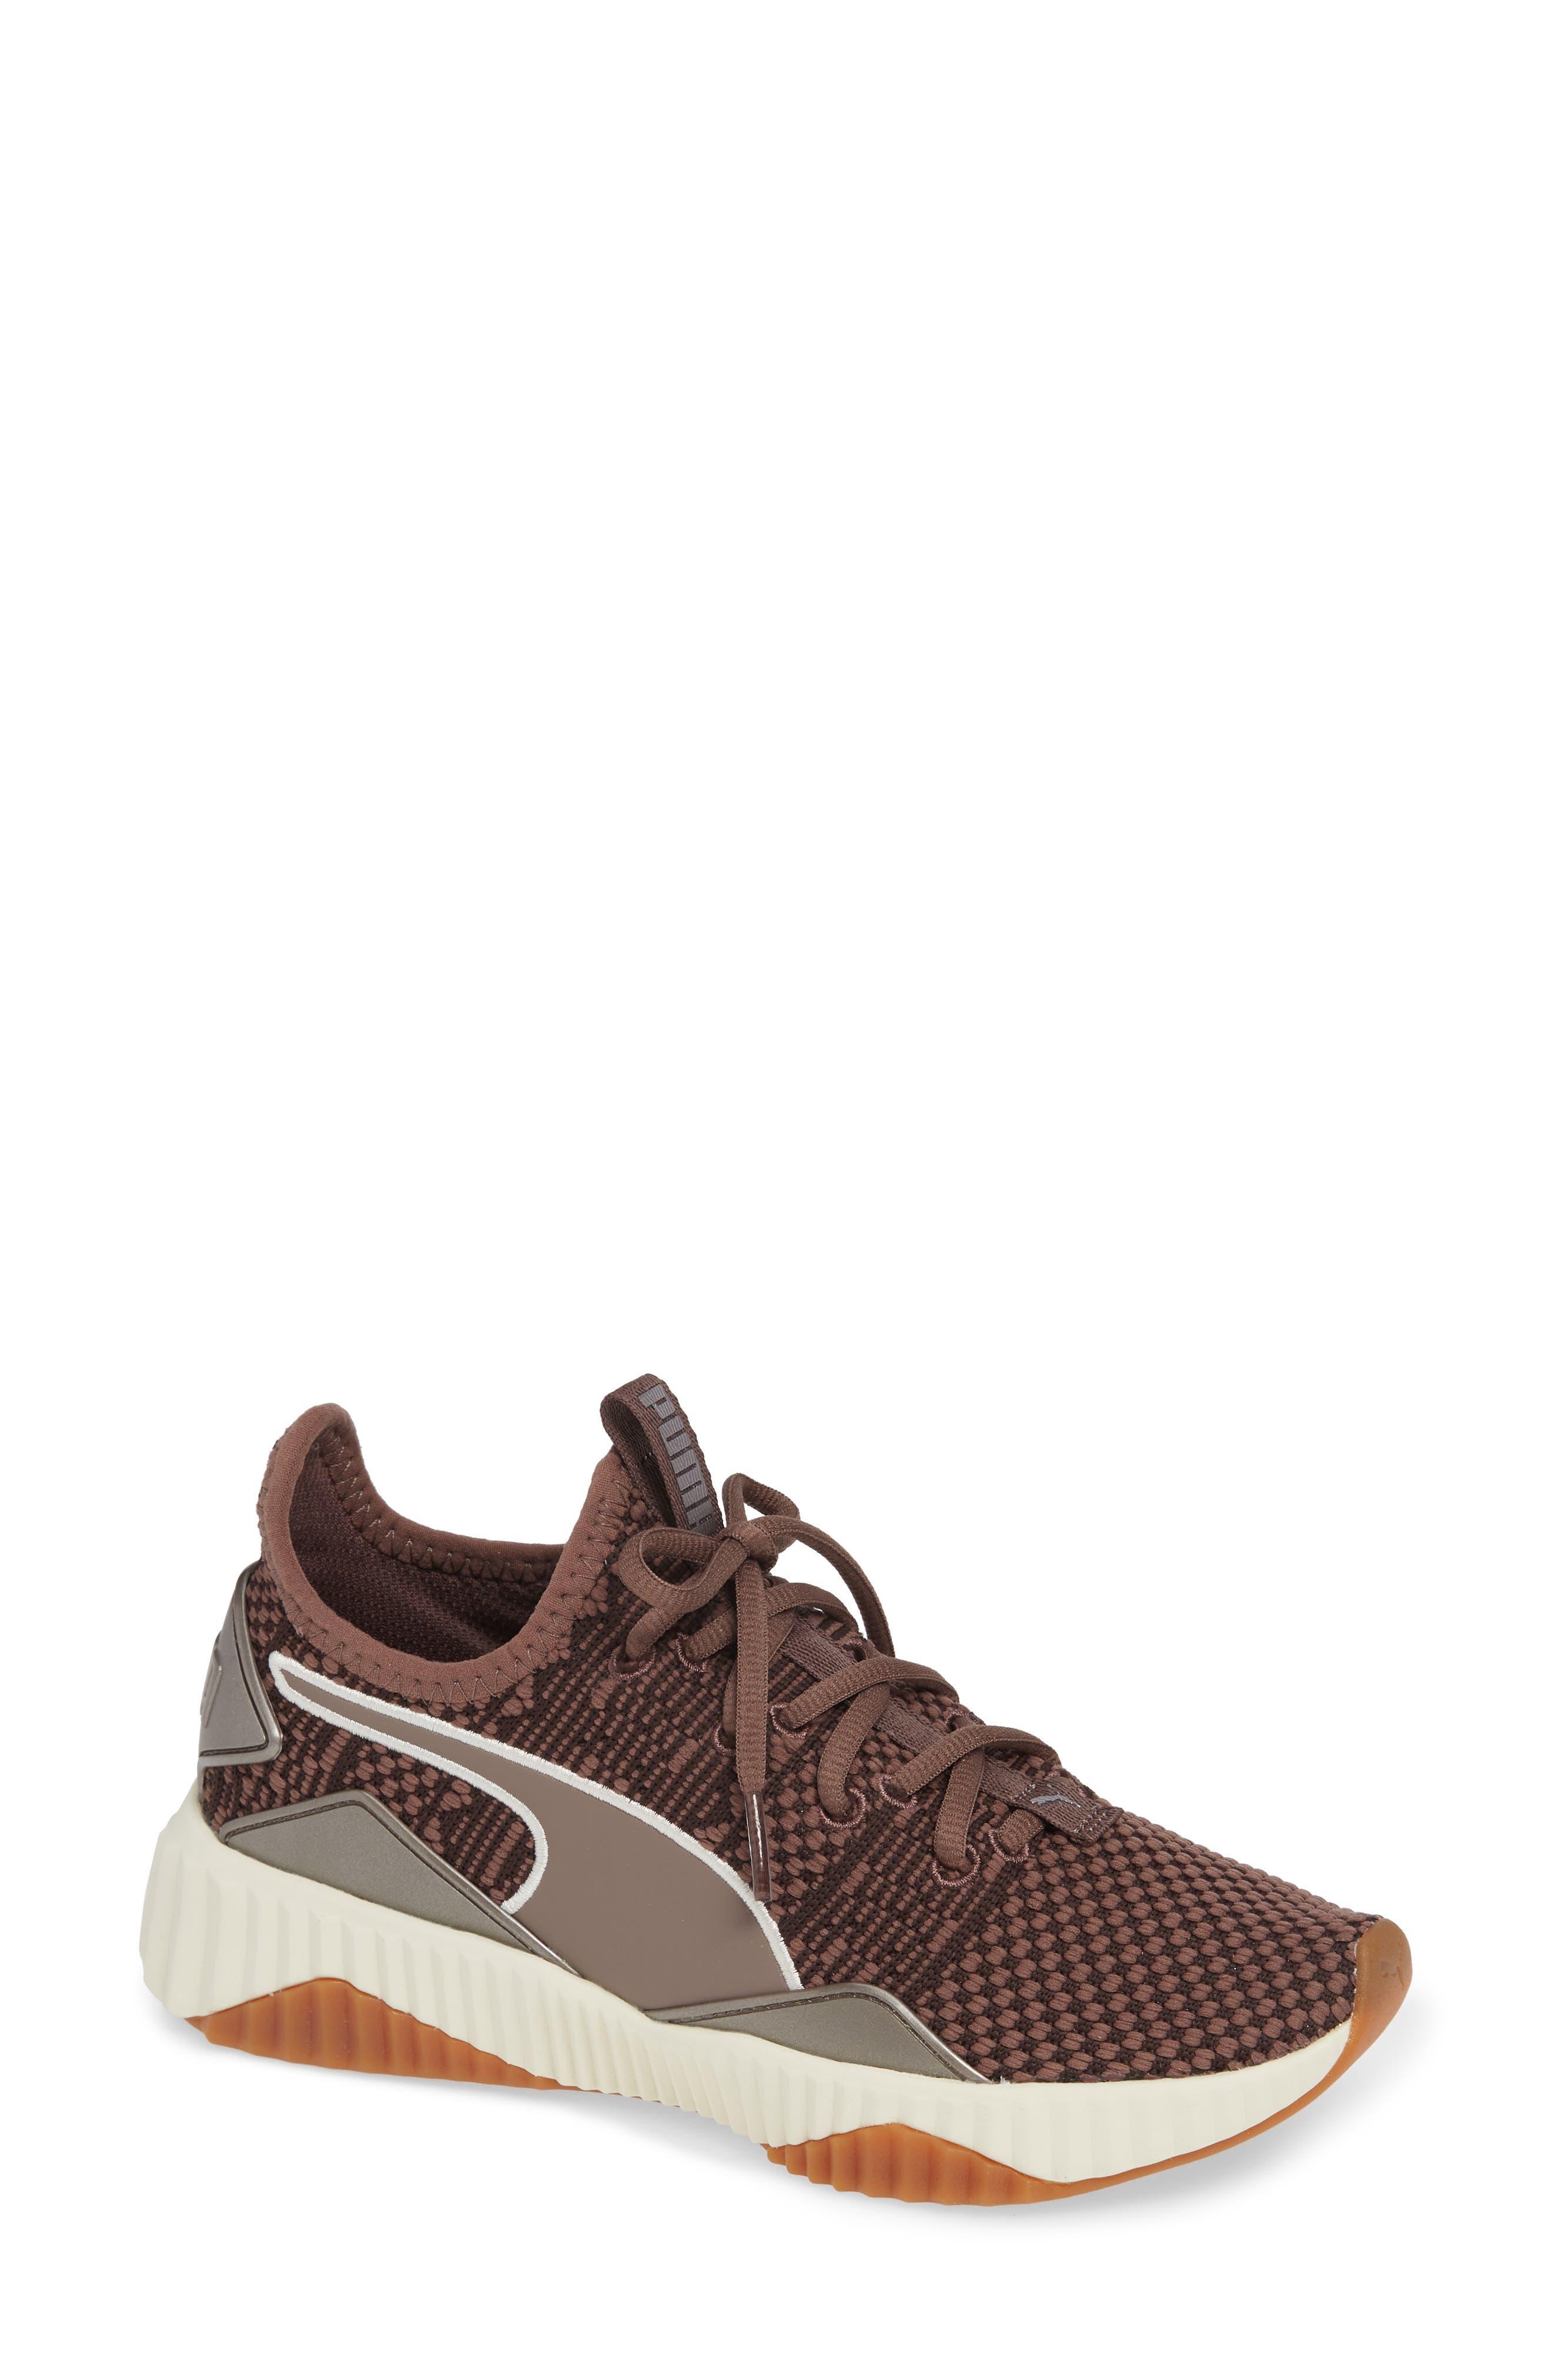 7e3597af7446 Puma Defy Luxe Sneaker In Multi